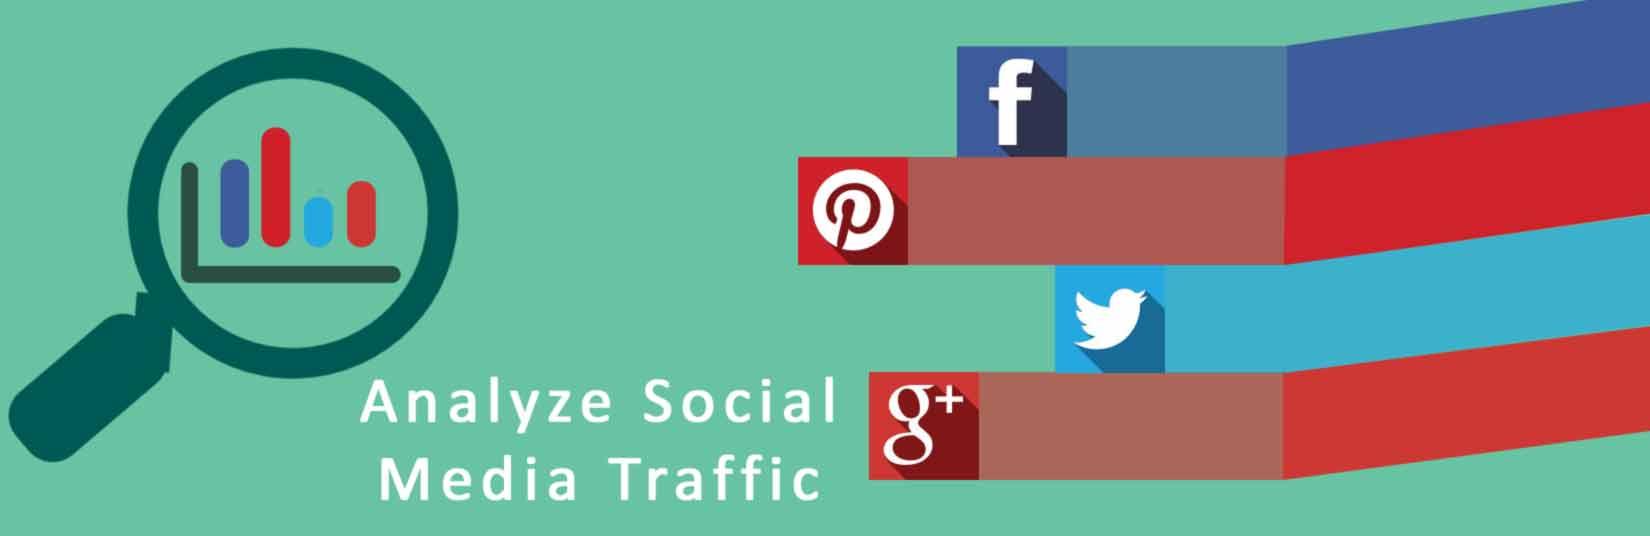 Analyze Social Media Traffic, Social Media Traffic,